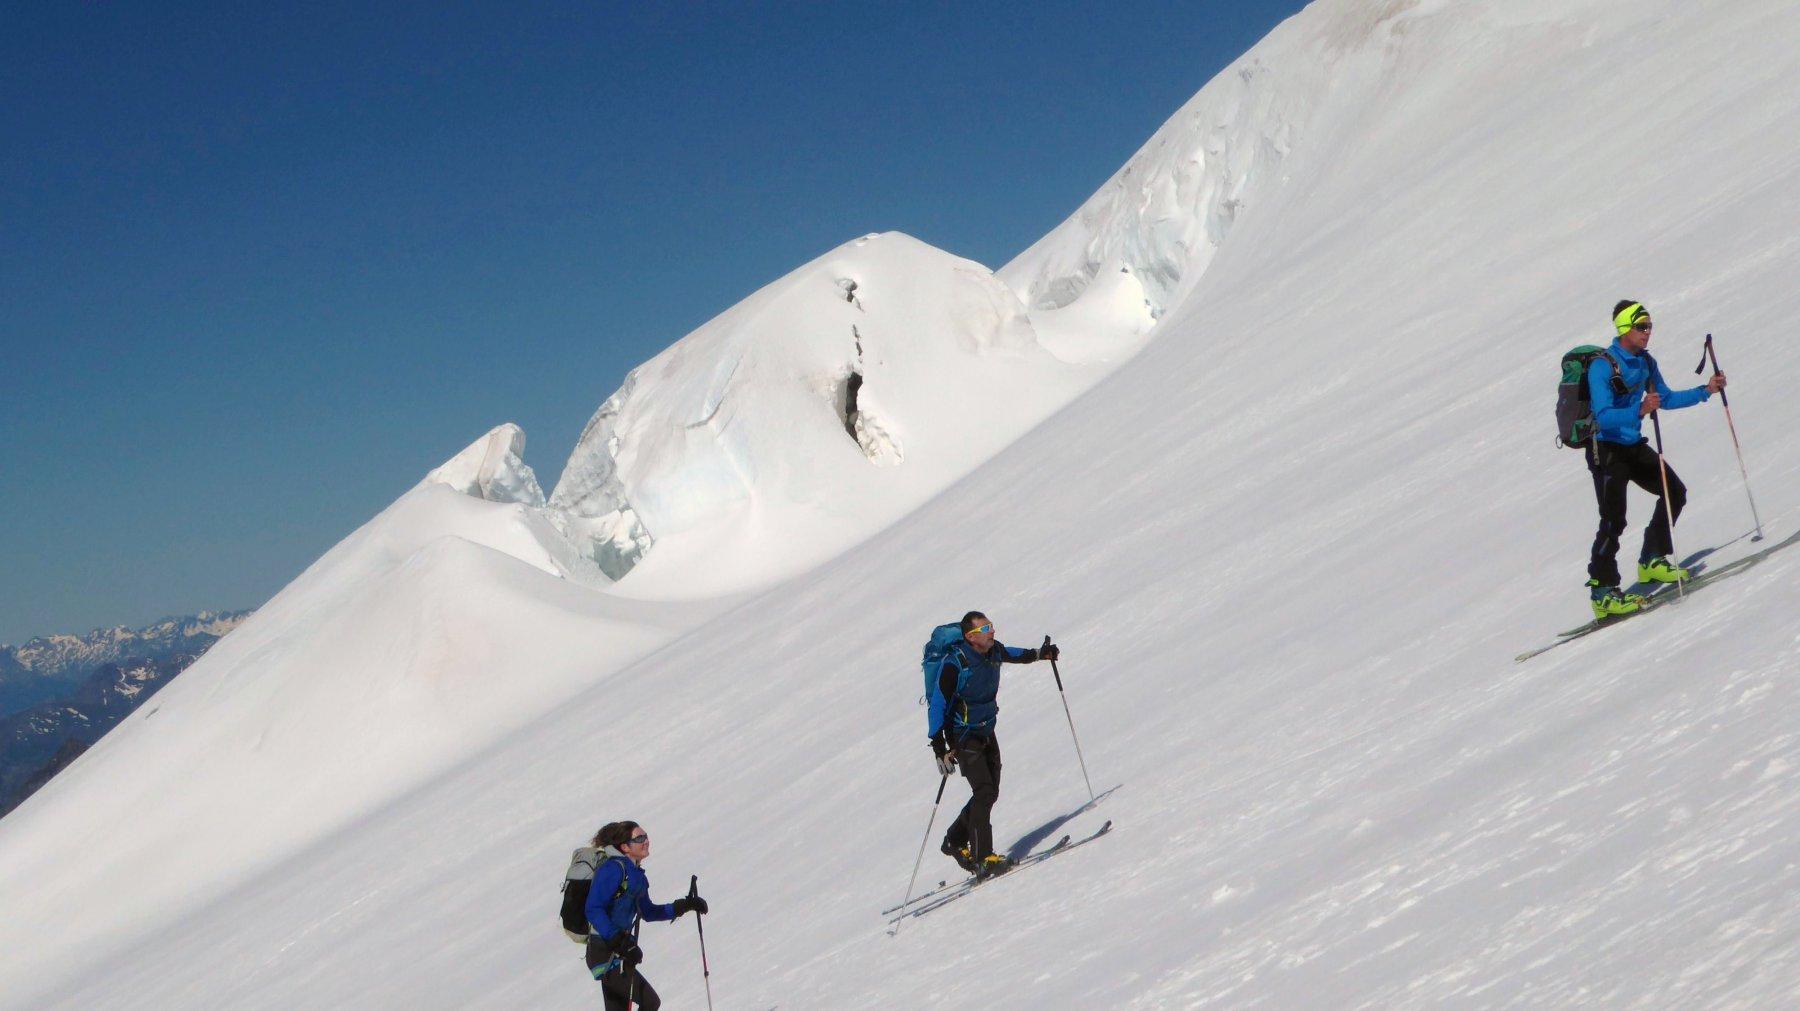 sul ghiacciaio sopra i rifugi